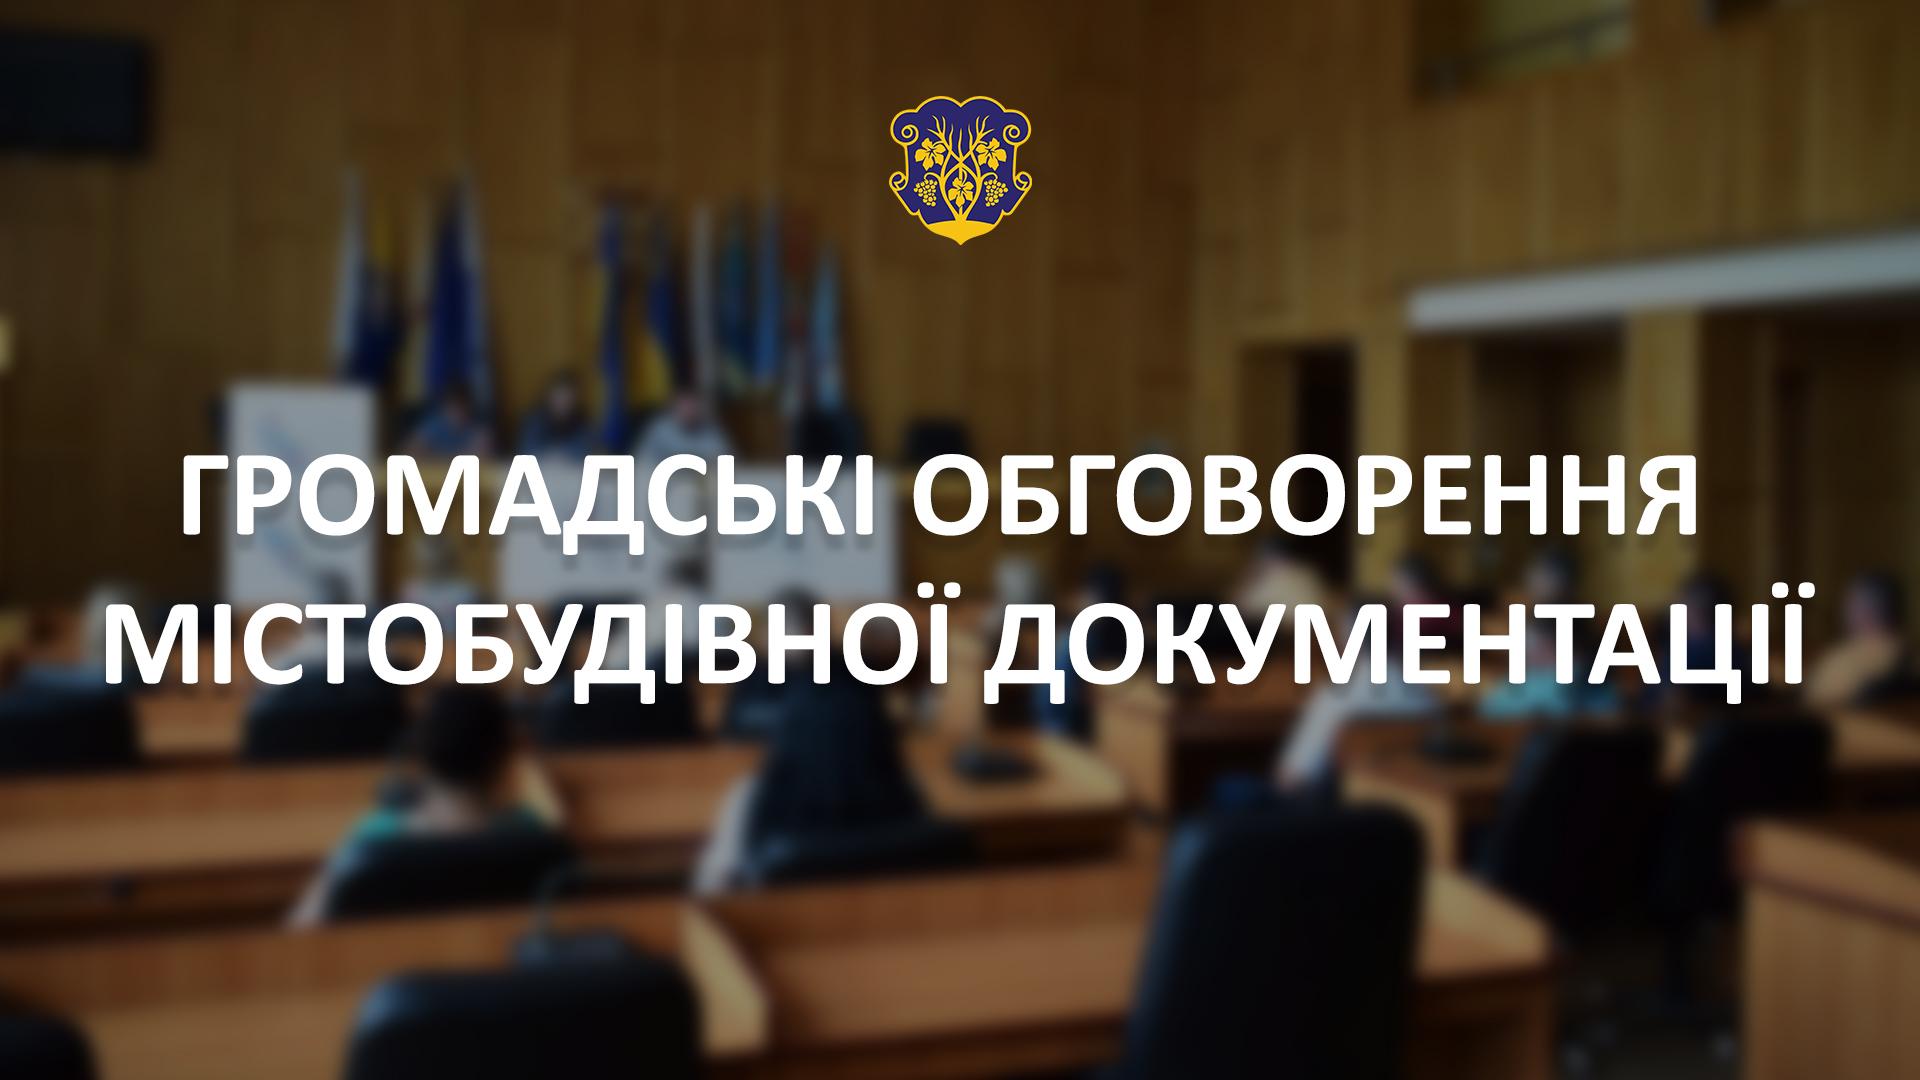 В Ужгороді до 25 квітня тривають громадські обговорення містобудівної документації